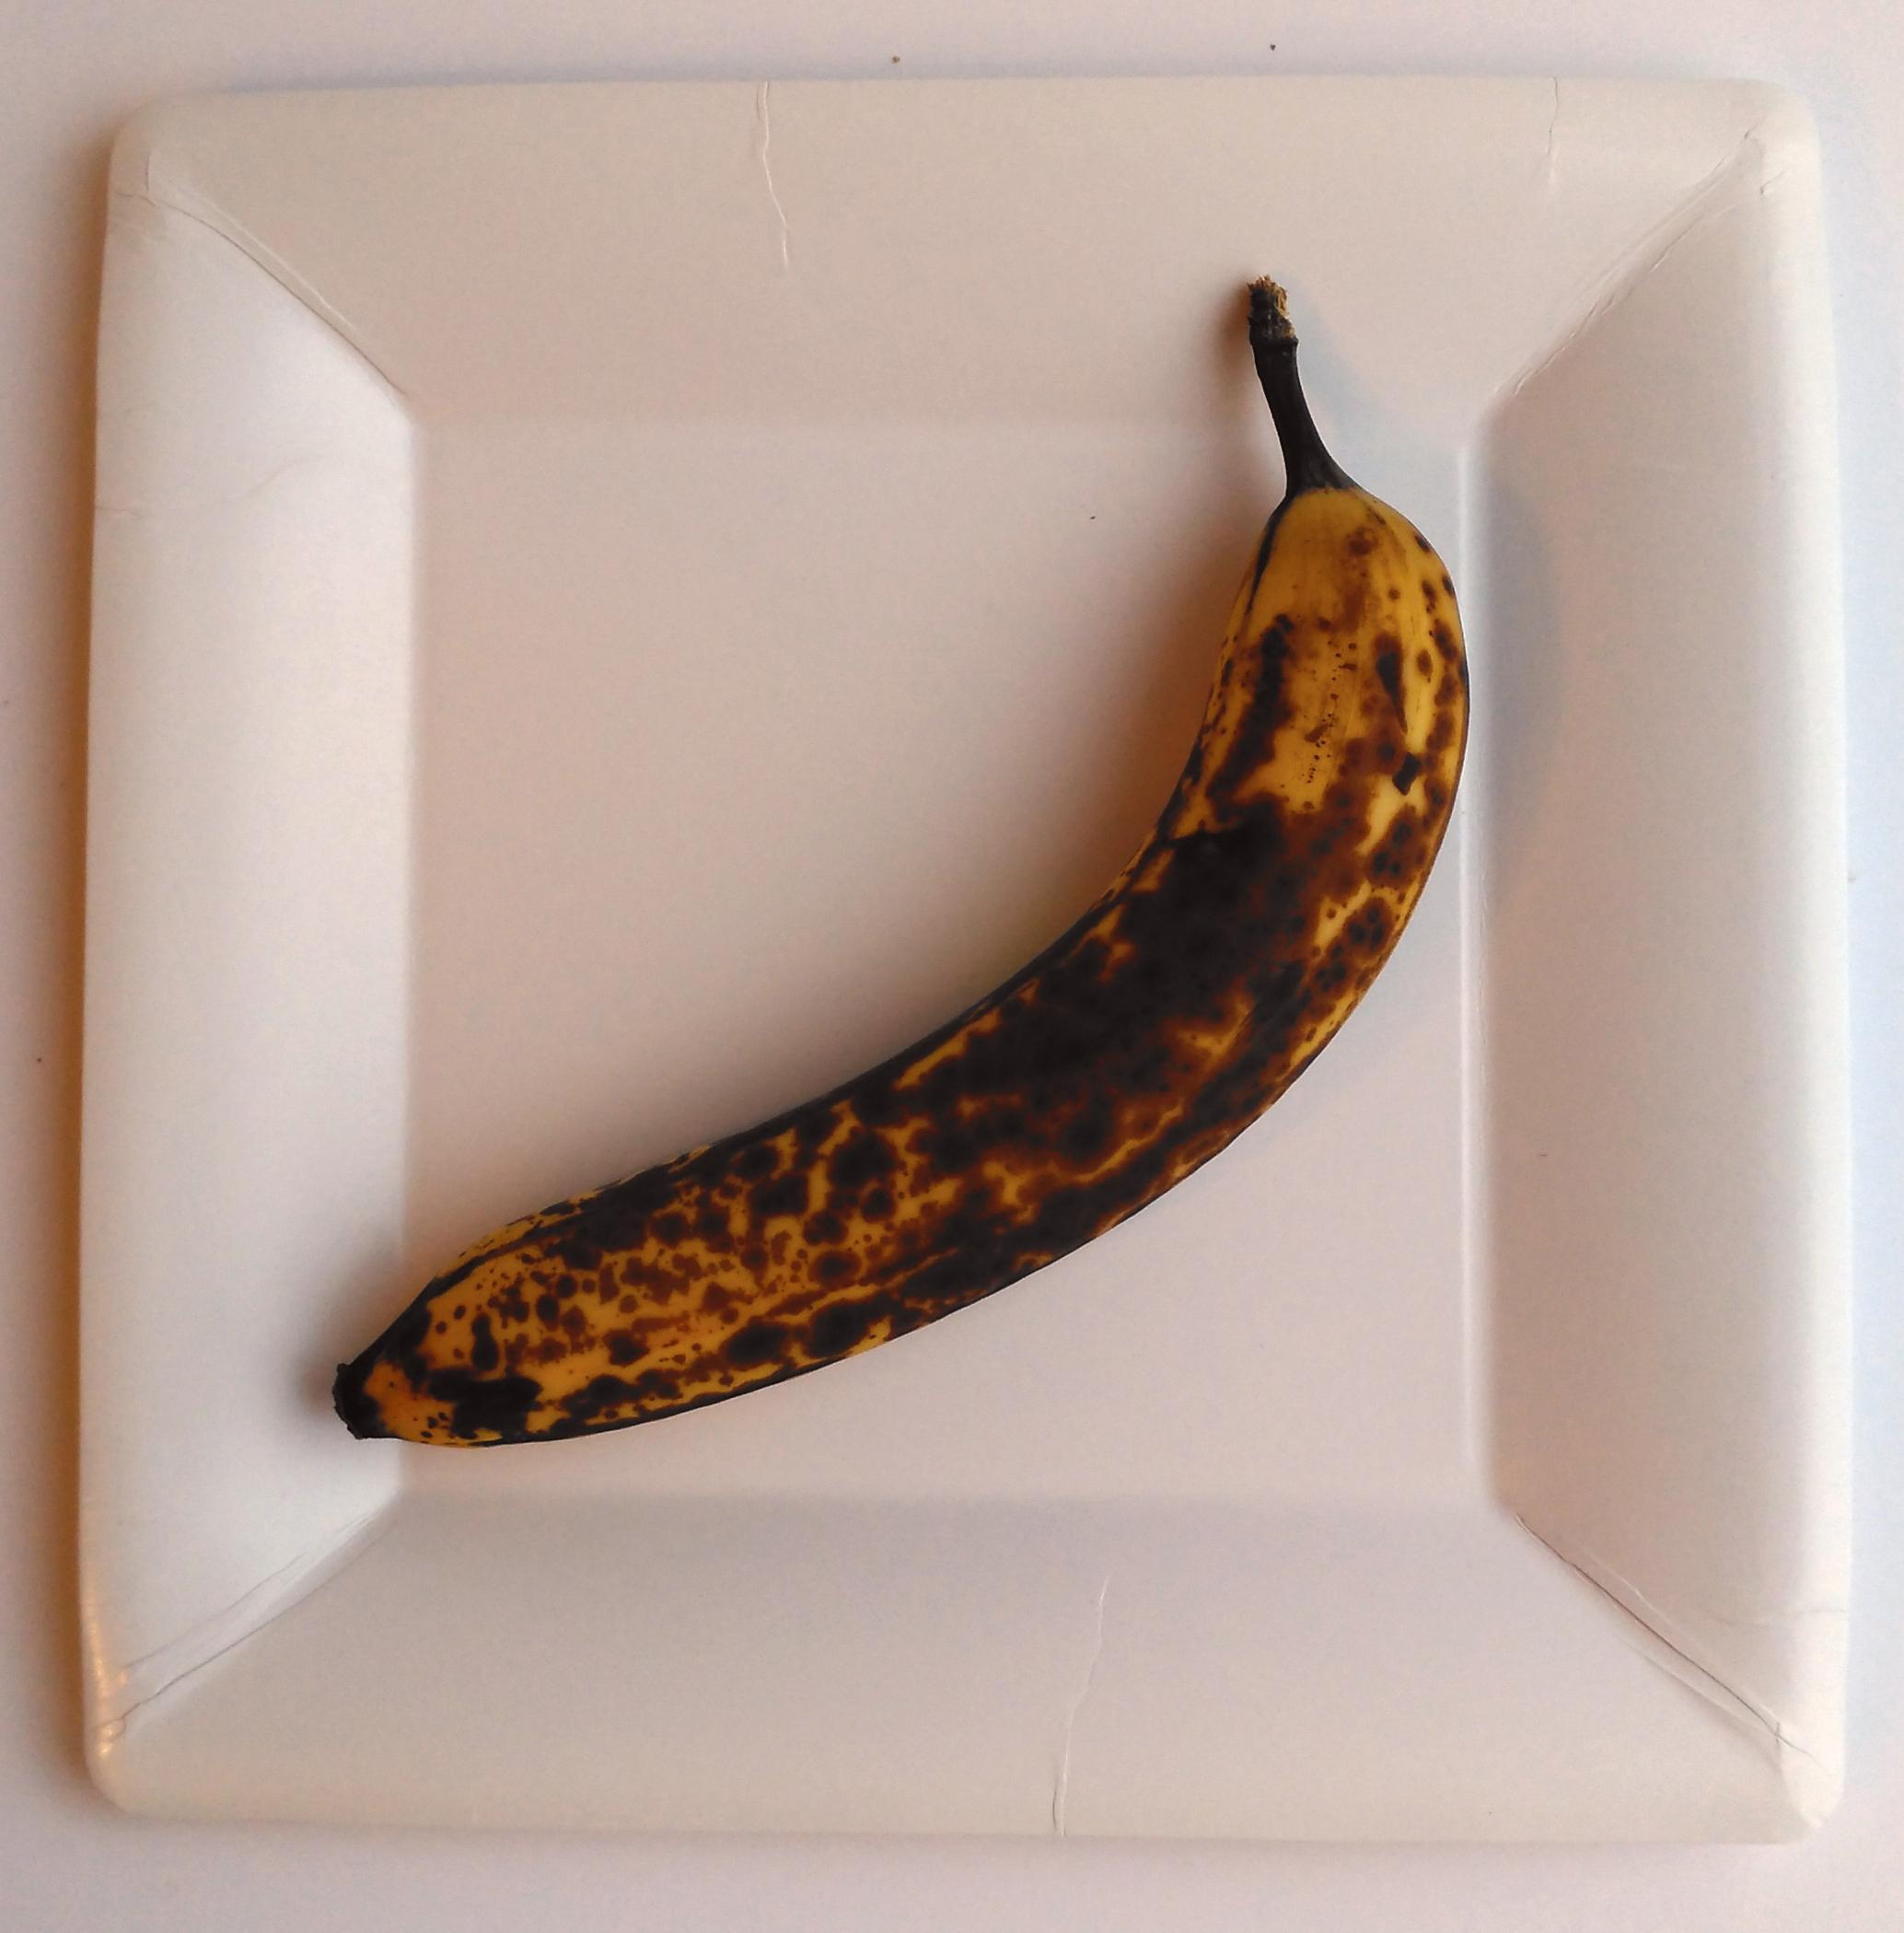 8. Banana